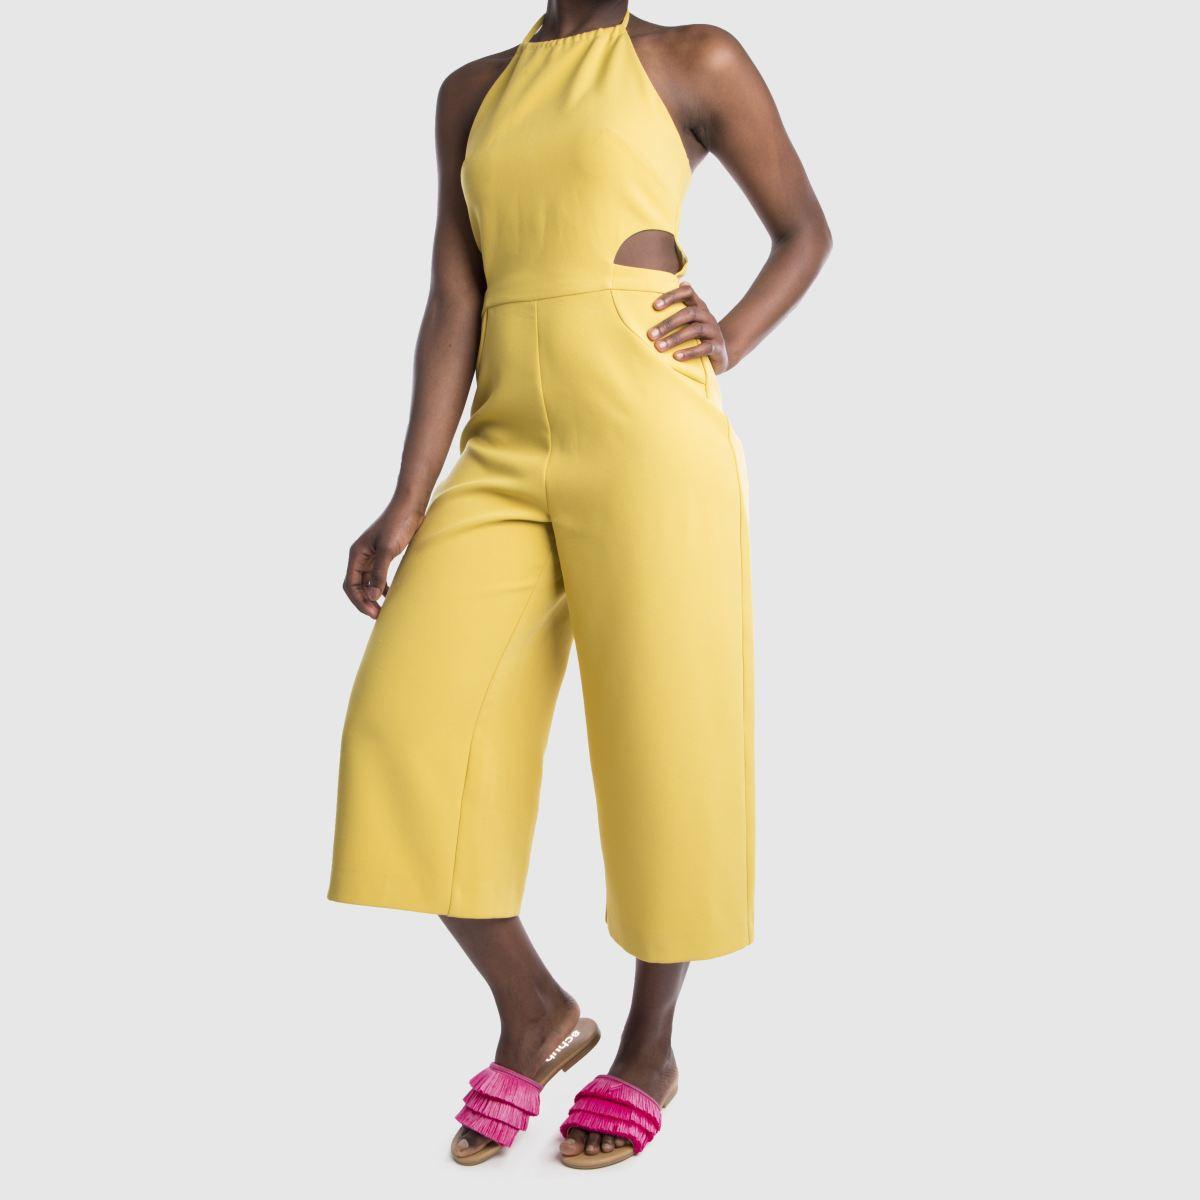 Damen | Pink schuh Calypso Sandalen | Damen schuh Gute Qualität beliebte Schuhe c05fab